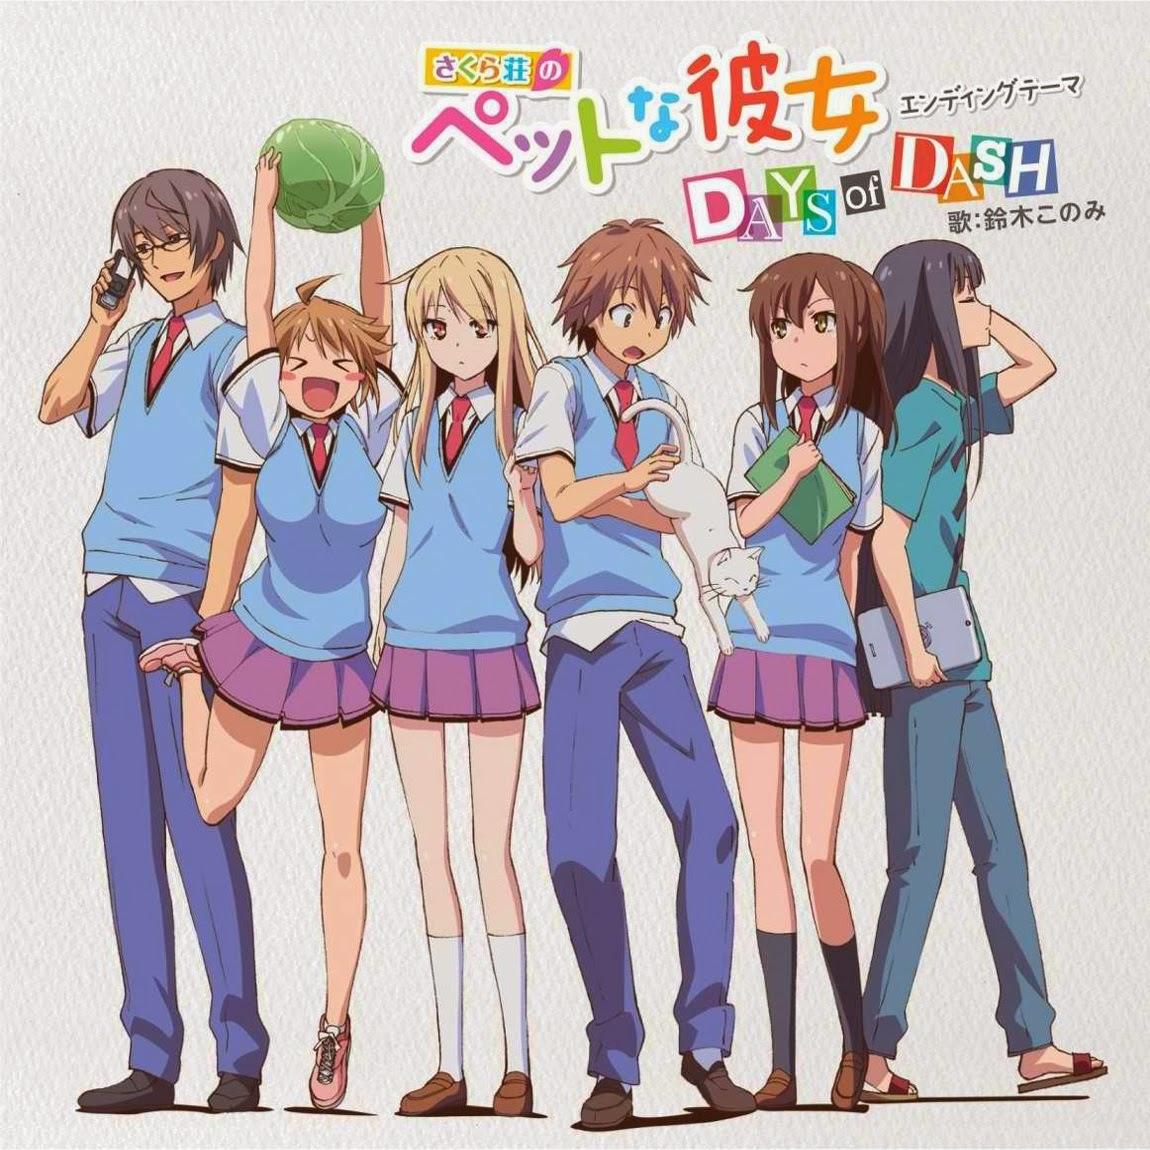 Suzuki Konomi Days Of Dash Chord